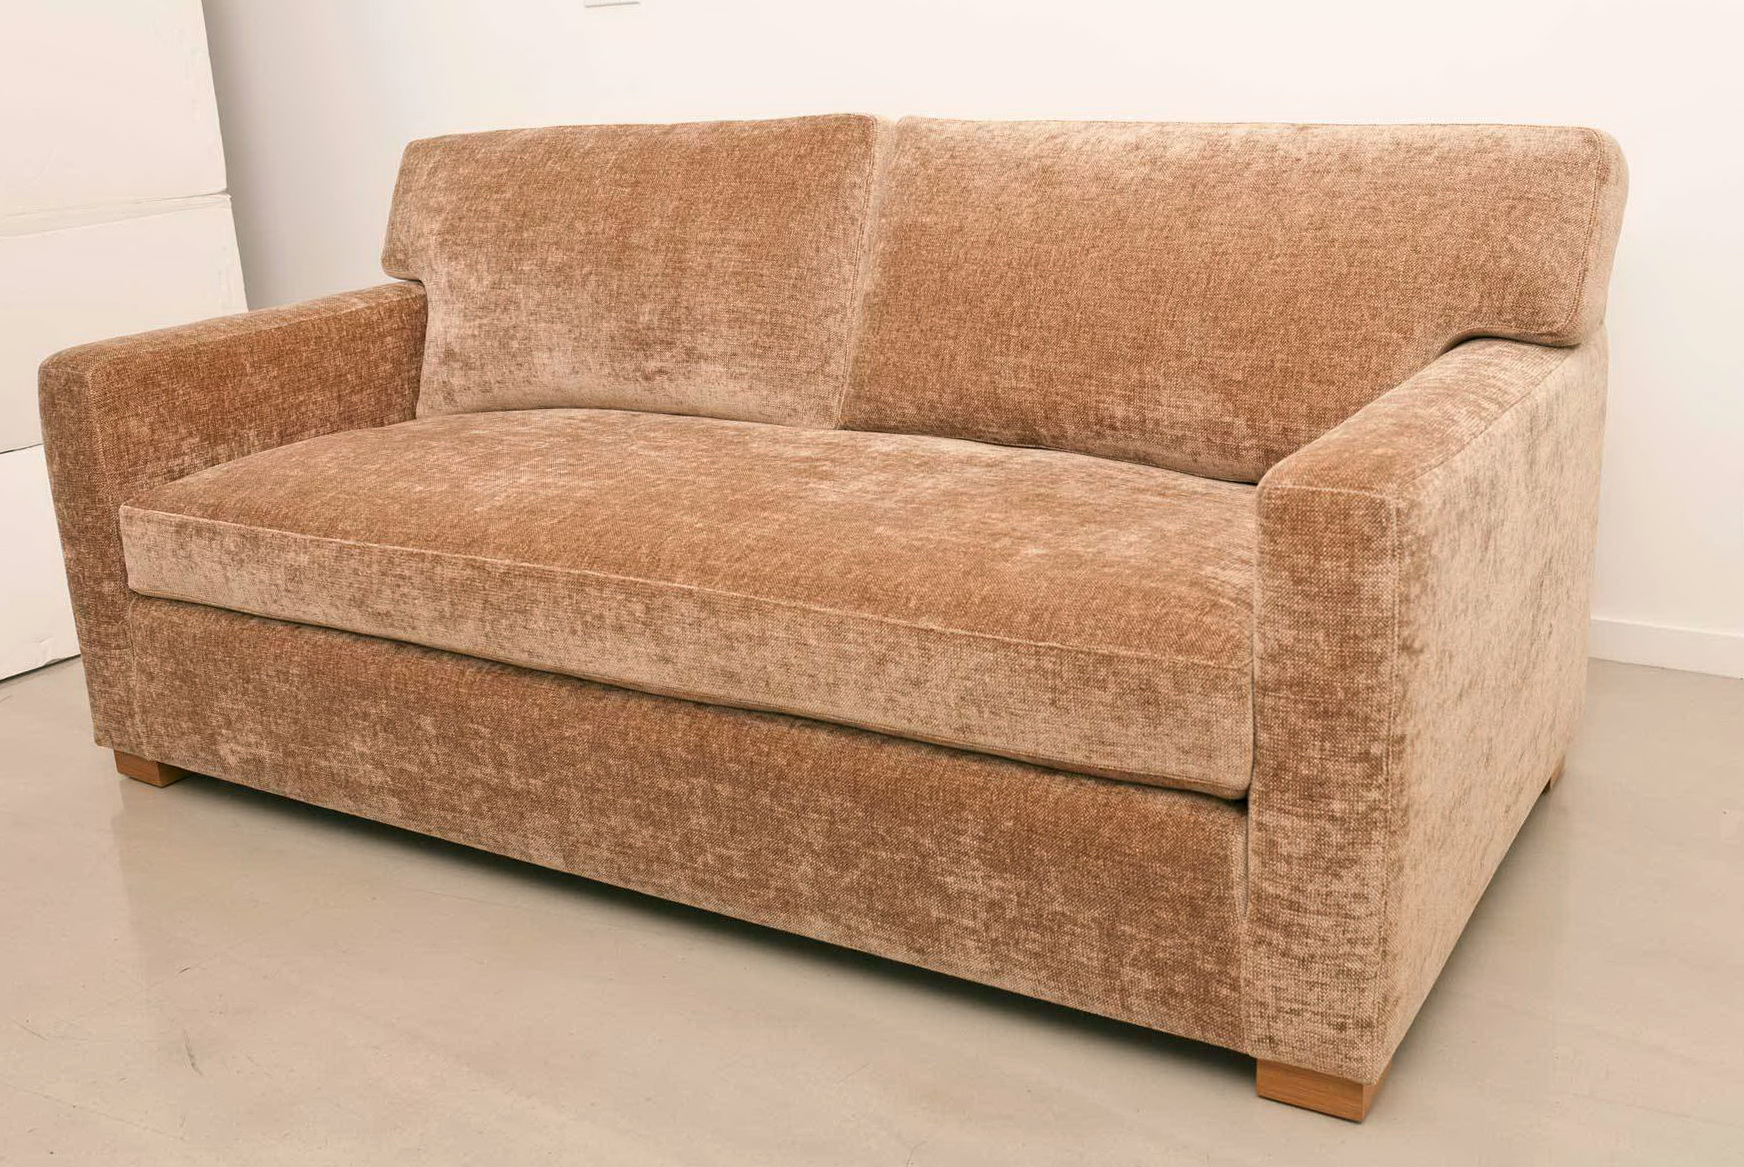 Single Cushion Sofa Bed Home Design Ideas